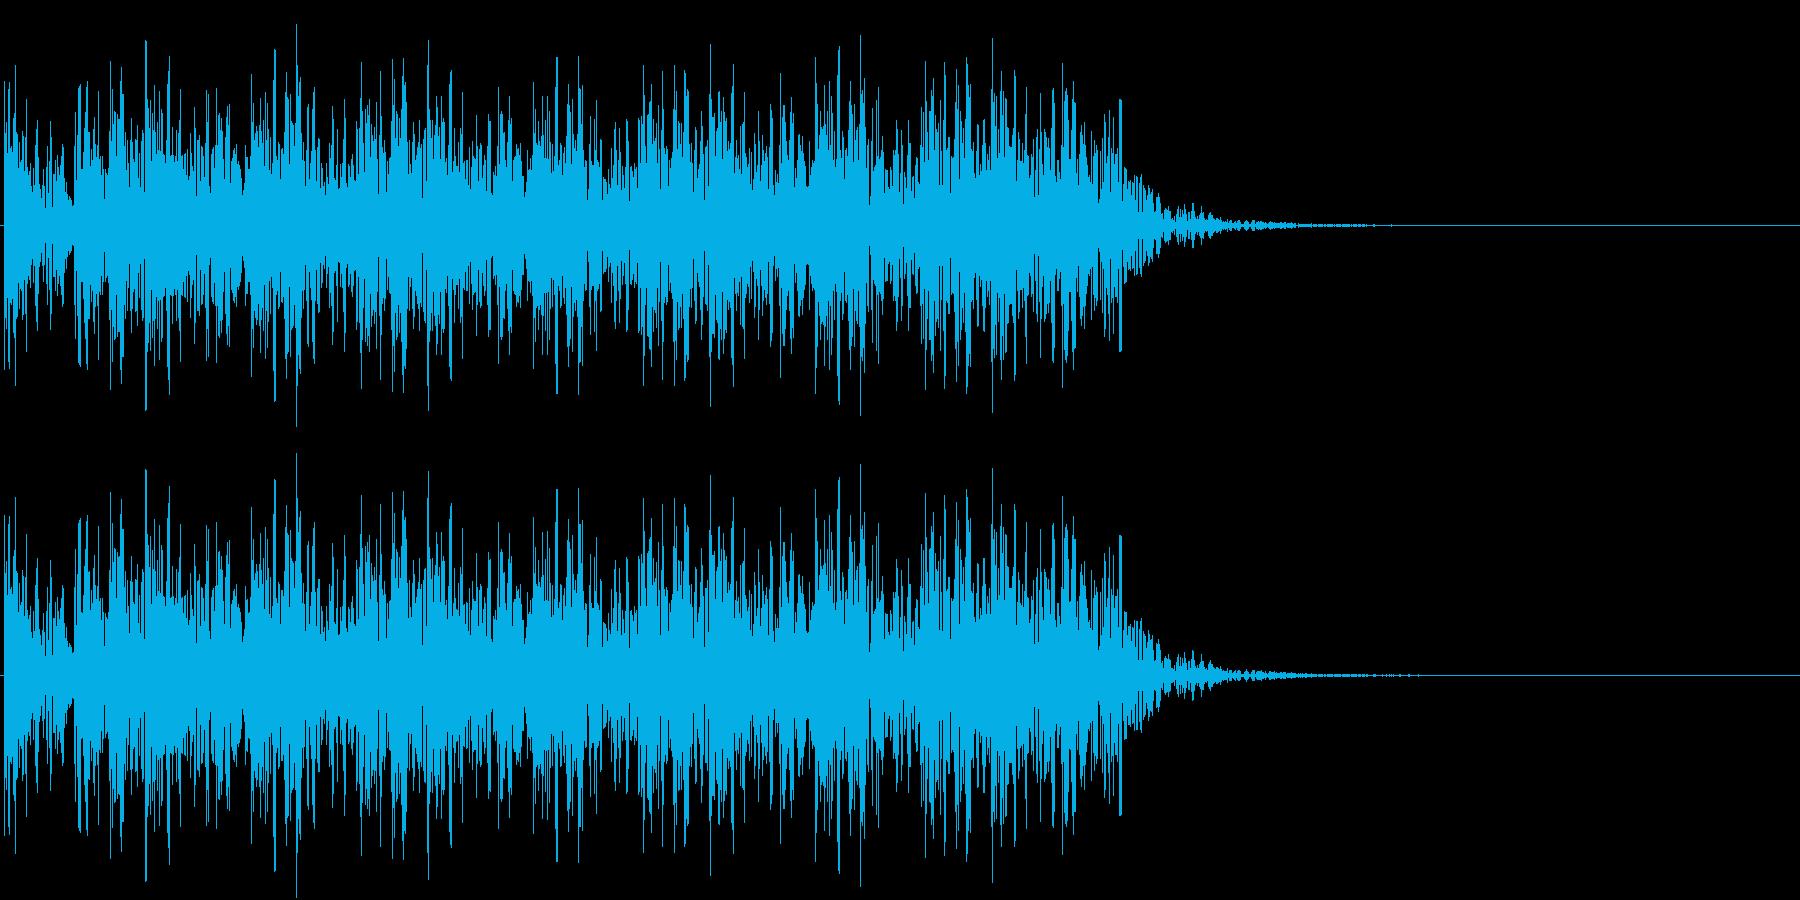 太鼓連続の再生済みの波形